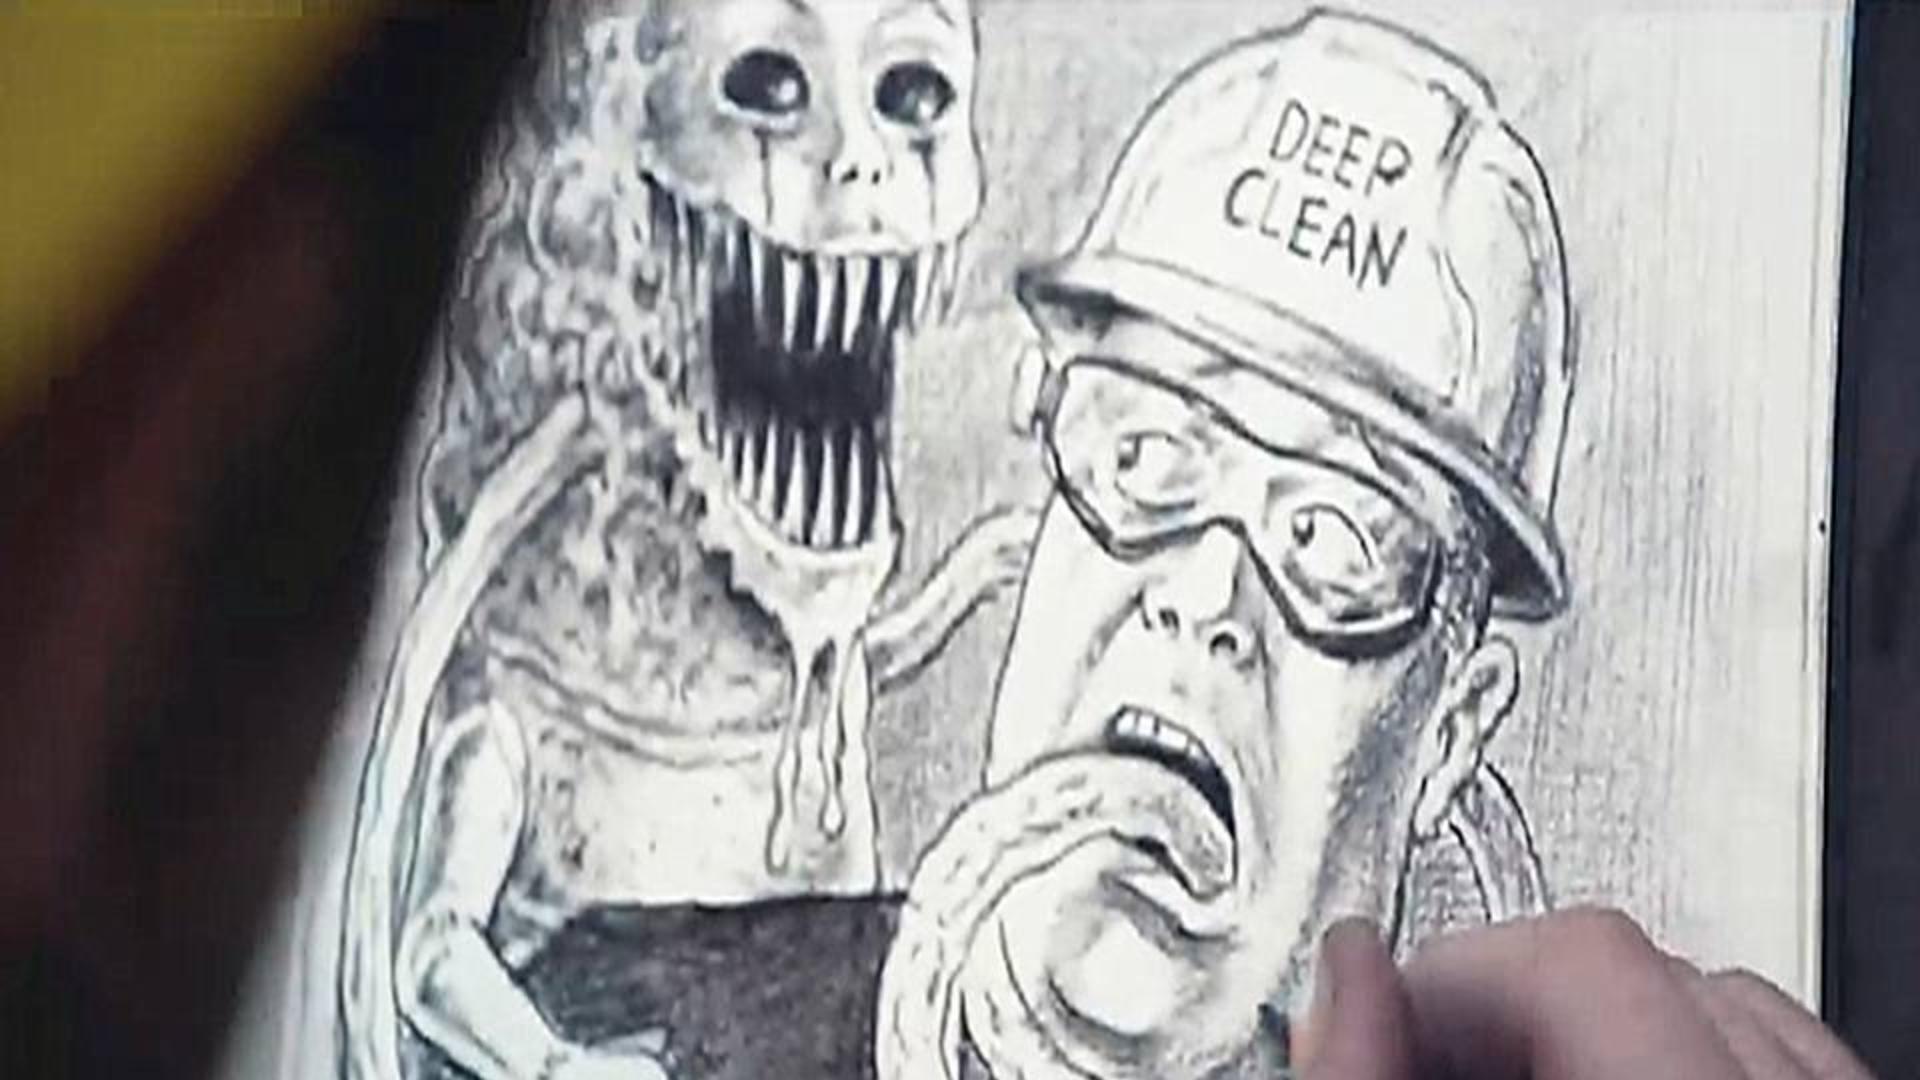 科幻短片《深度清理》下水道清洁工竟是世界英雄,默默对抗着异次元怪物,怪兽科幻短片